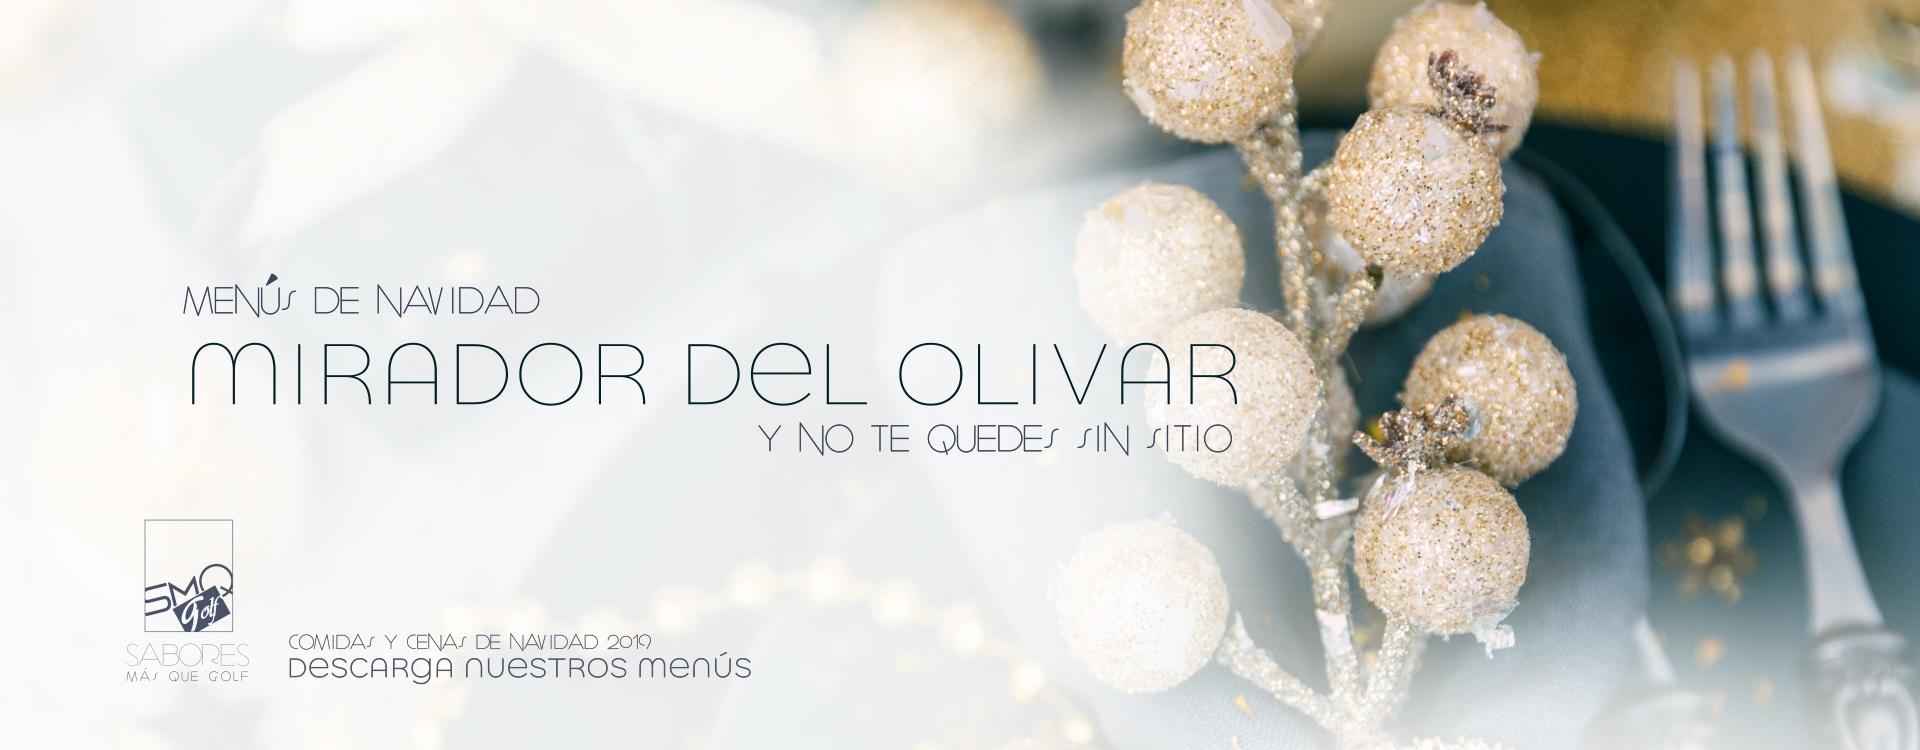 Cenas de Navidad Olivar